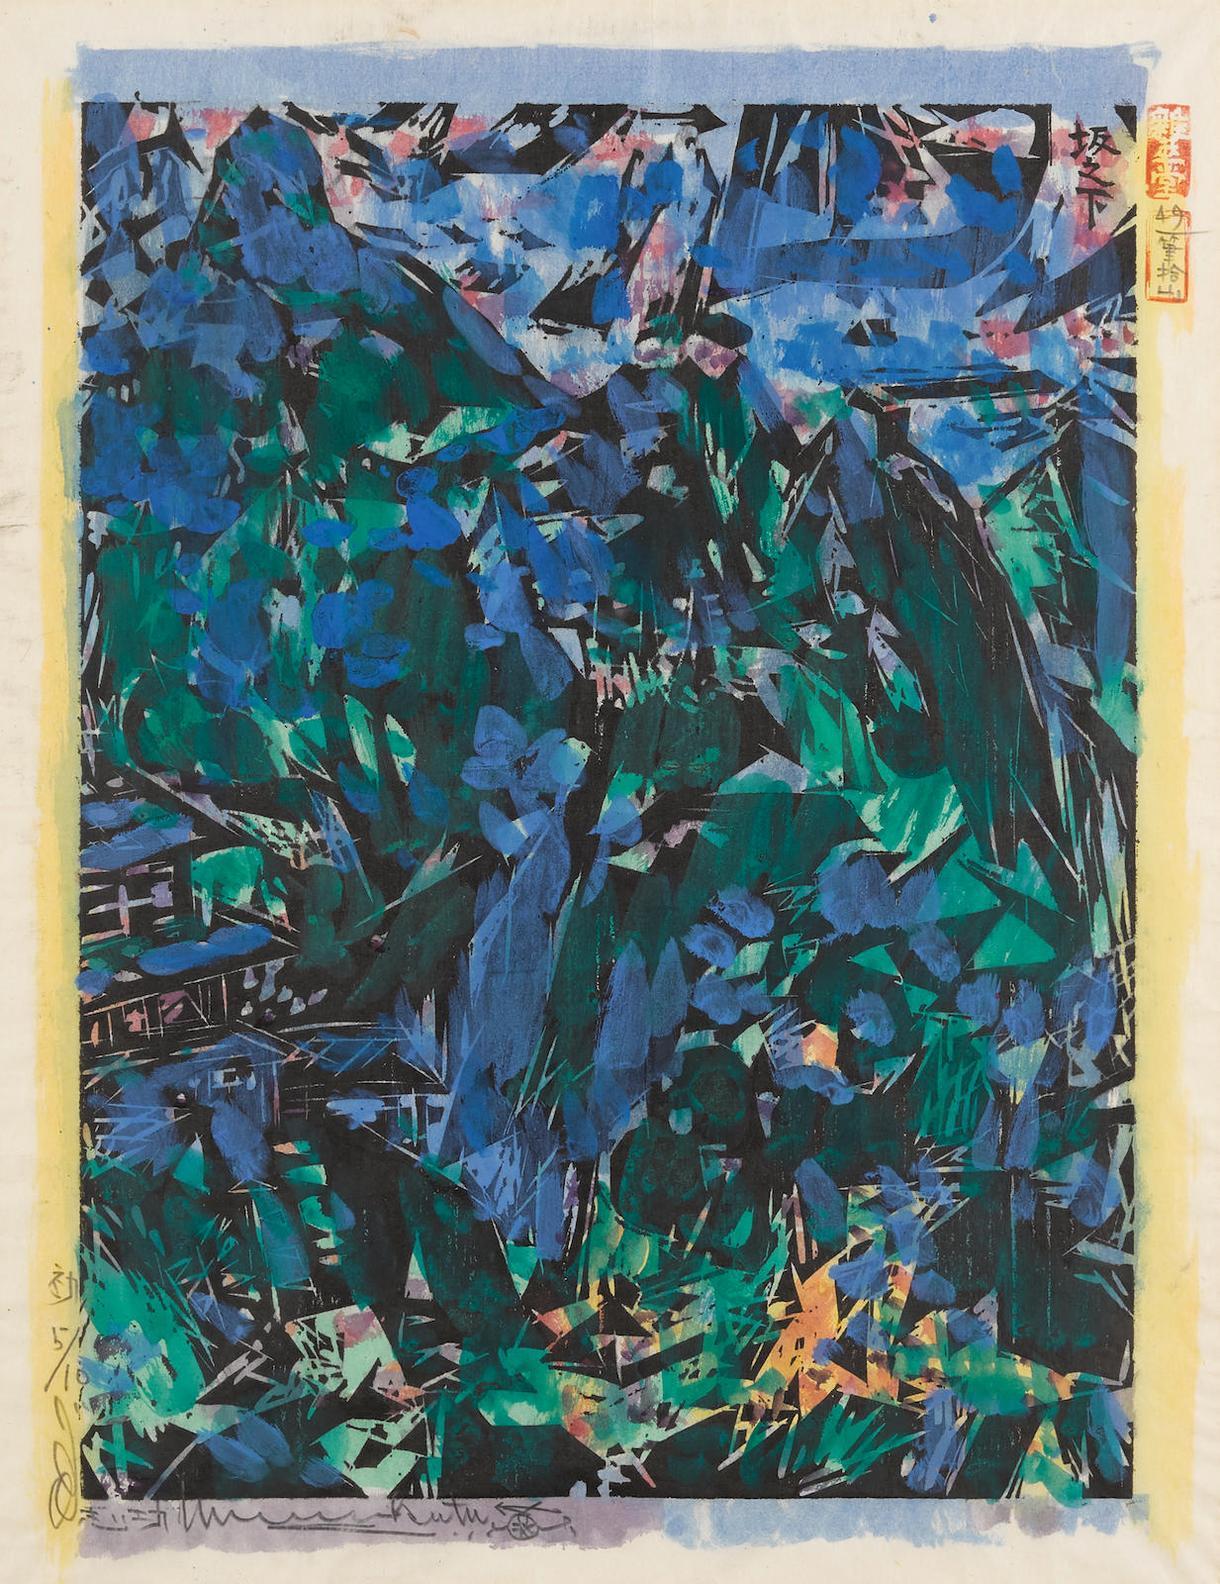 Shiko Munakata-Sakanoshita: Fence At Hitsusha/Hitsushu Mountain, Pl. 49, From Tokaido Road Series-1964